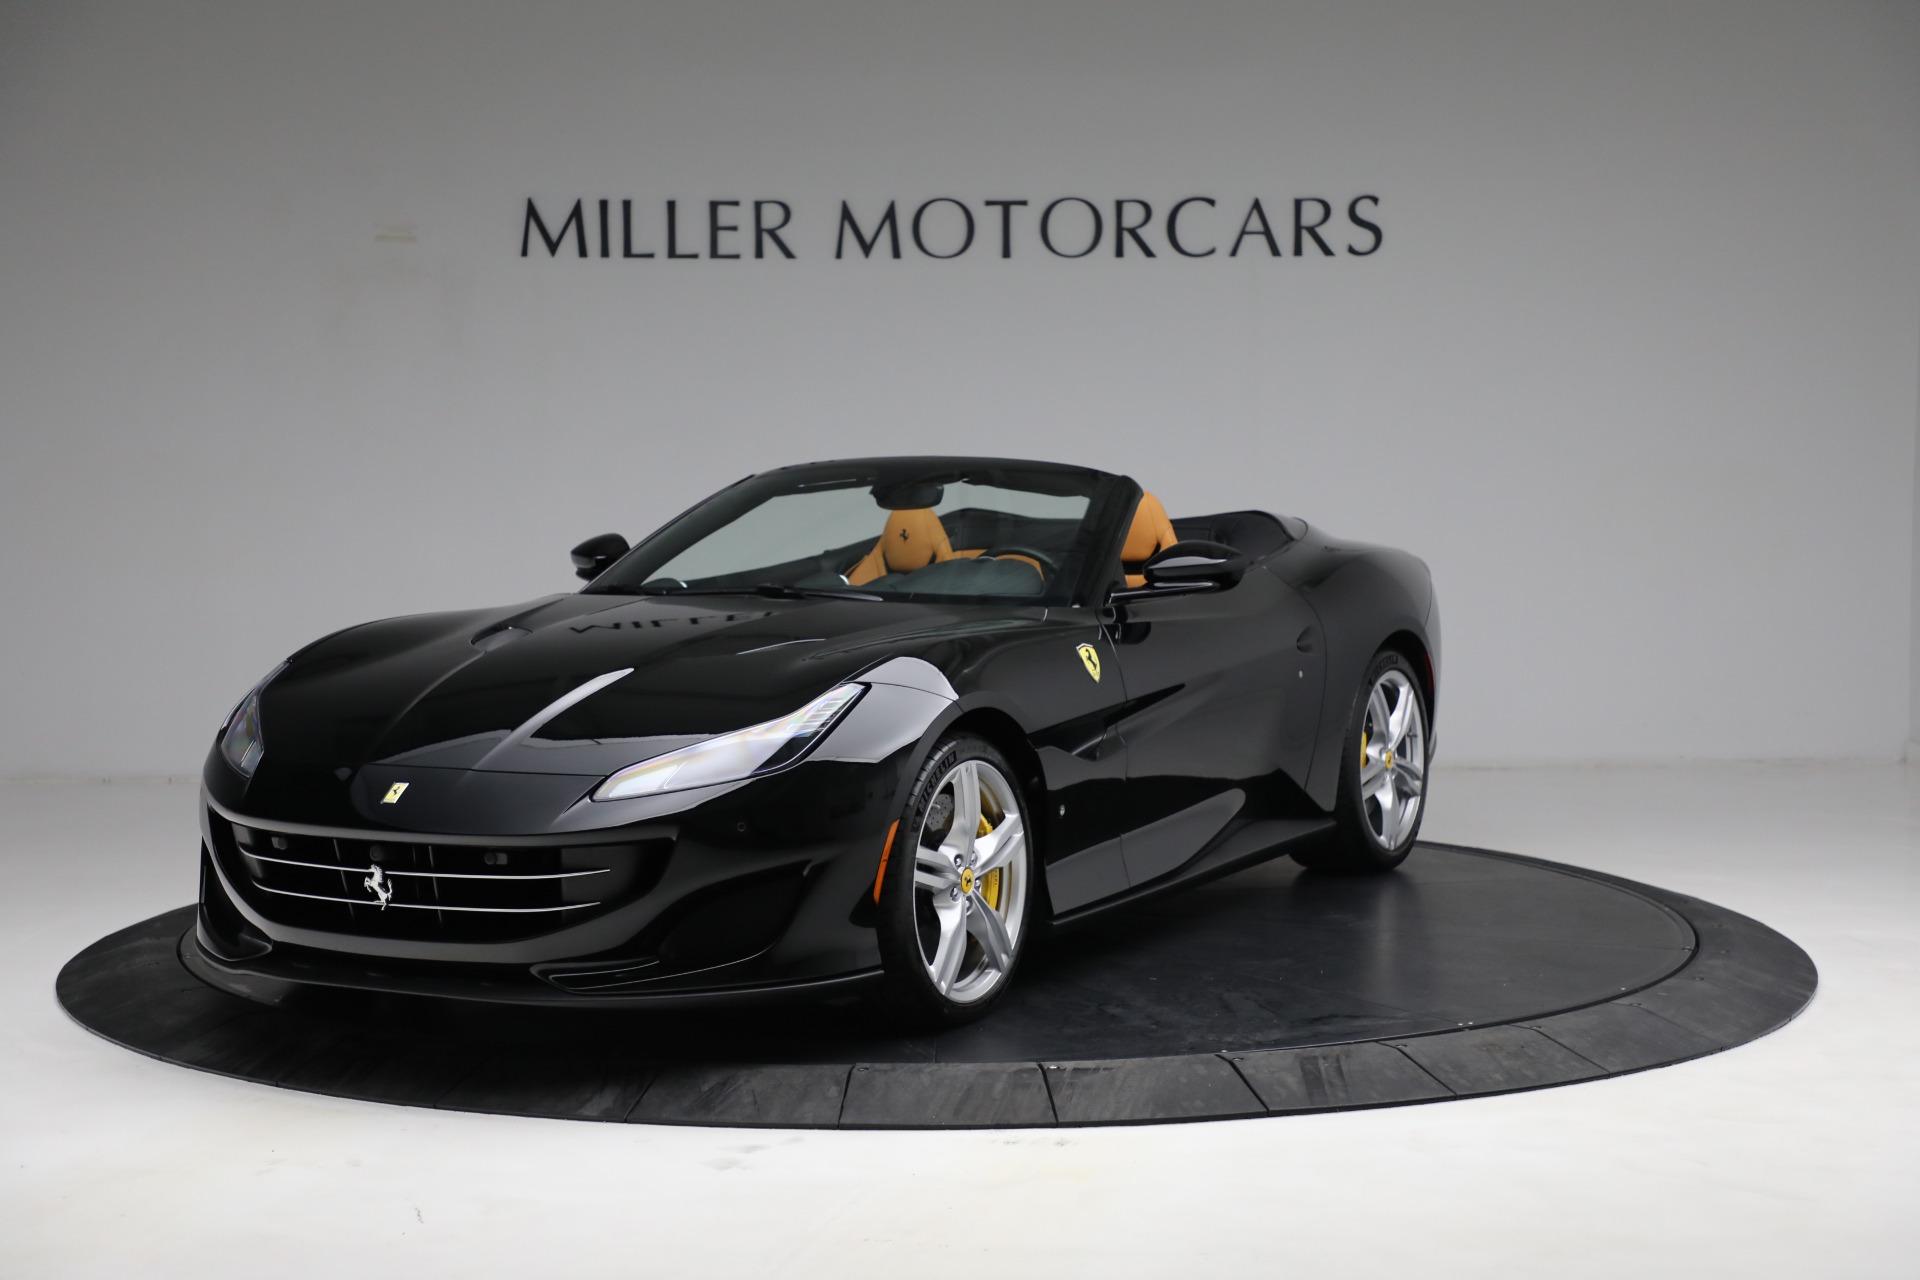 Used 2019 Ferrari Portofino for sale $231,900 at Maserati of Greenwich in Greenwich CT 06830 1